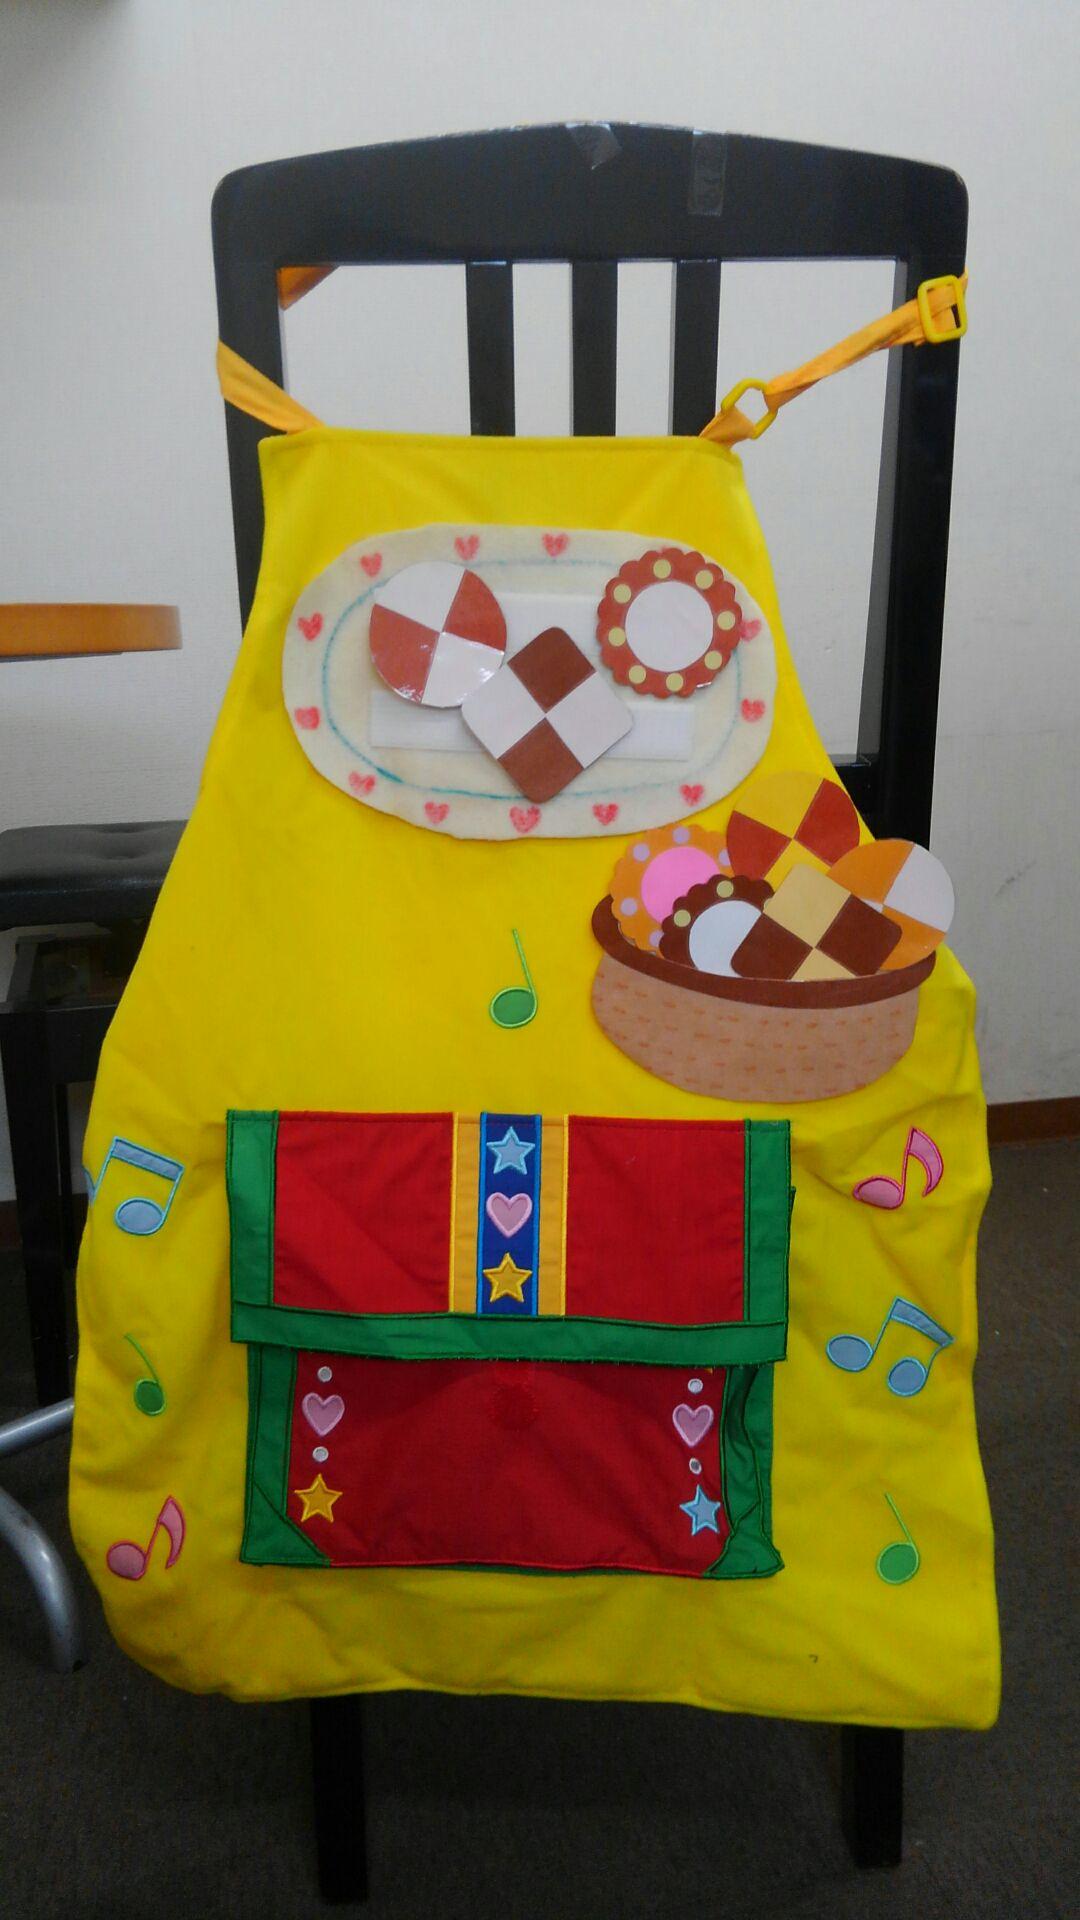 黄色いエプロン。お皿やバスケットに盛られた様々なクッキー、音符、赤と緑を基調にしたポケットがあしらわれています。